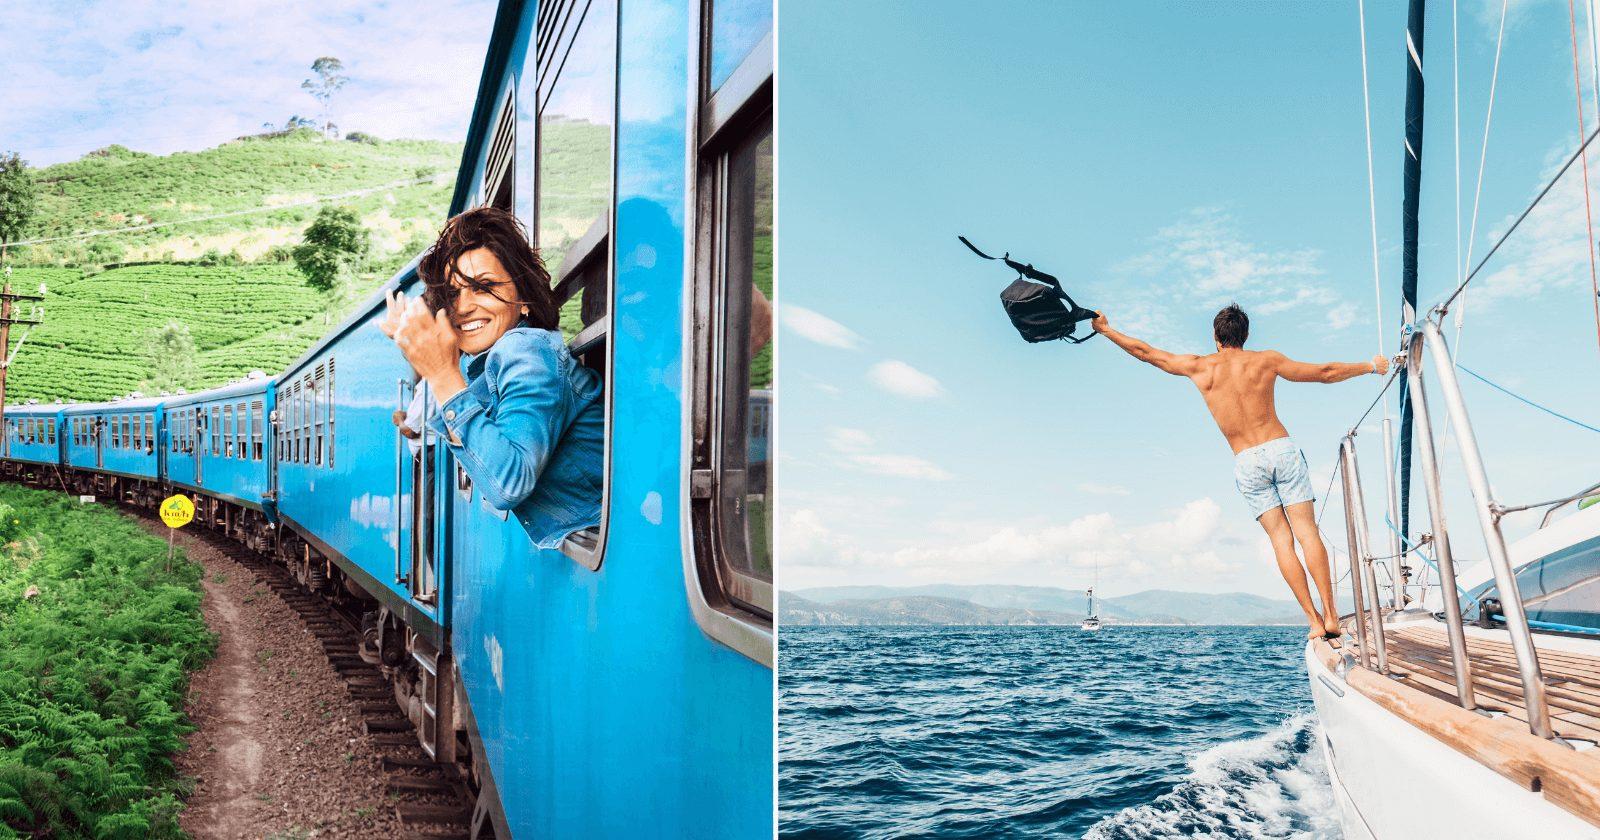 50 frases sobre viajar que te farão ter mais destinos para ir